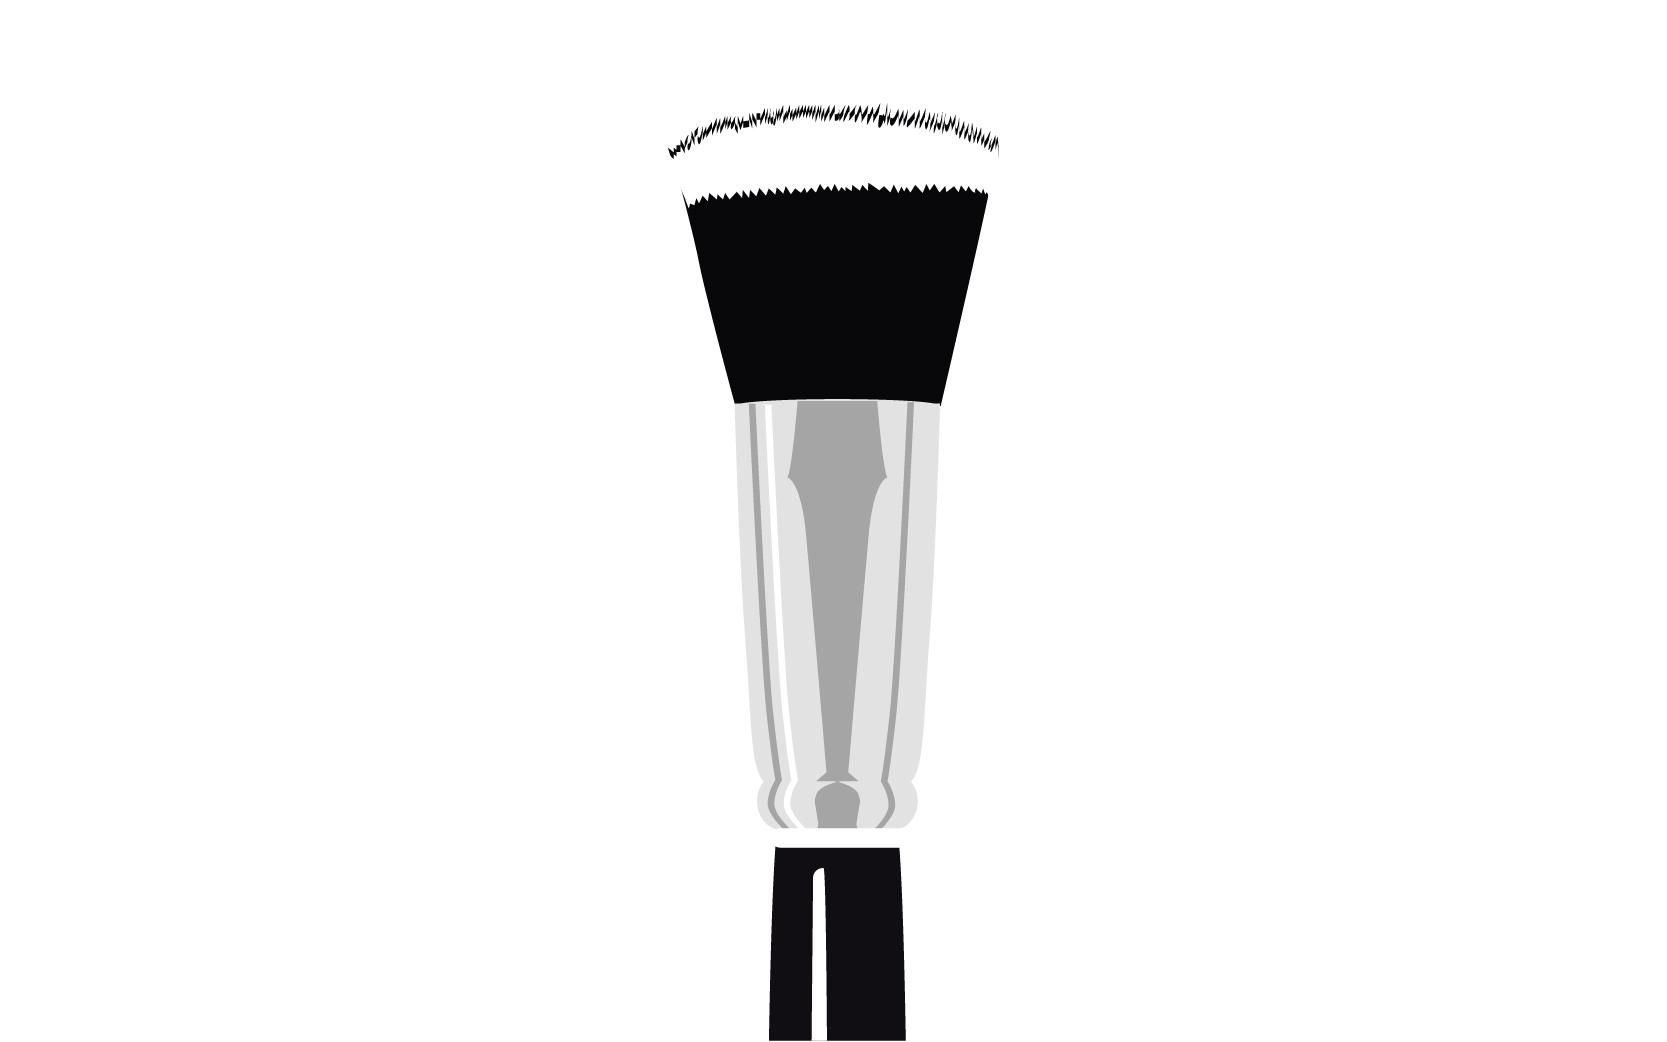 Lx brushes web 03